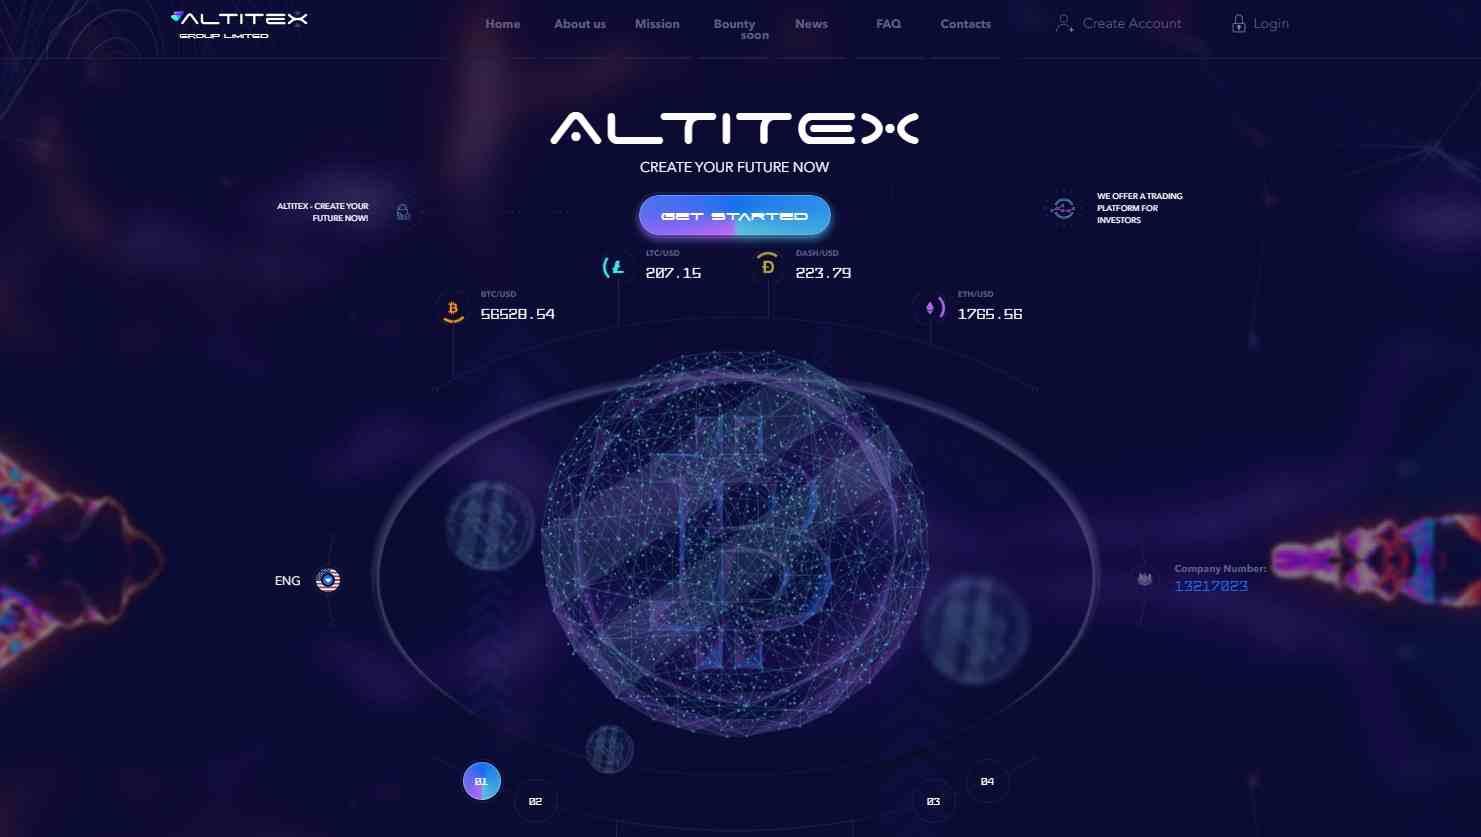 Altitex